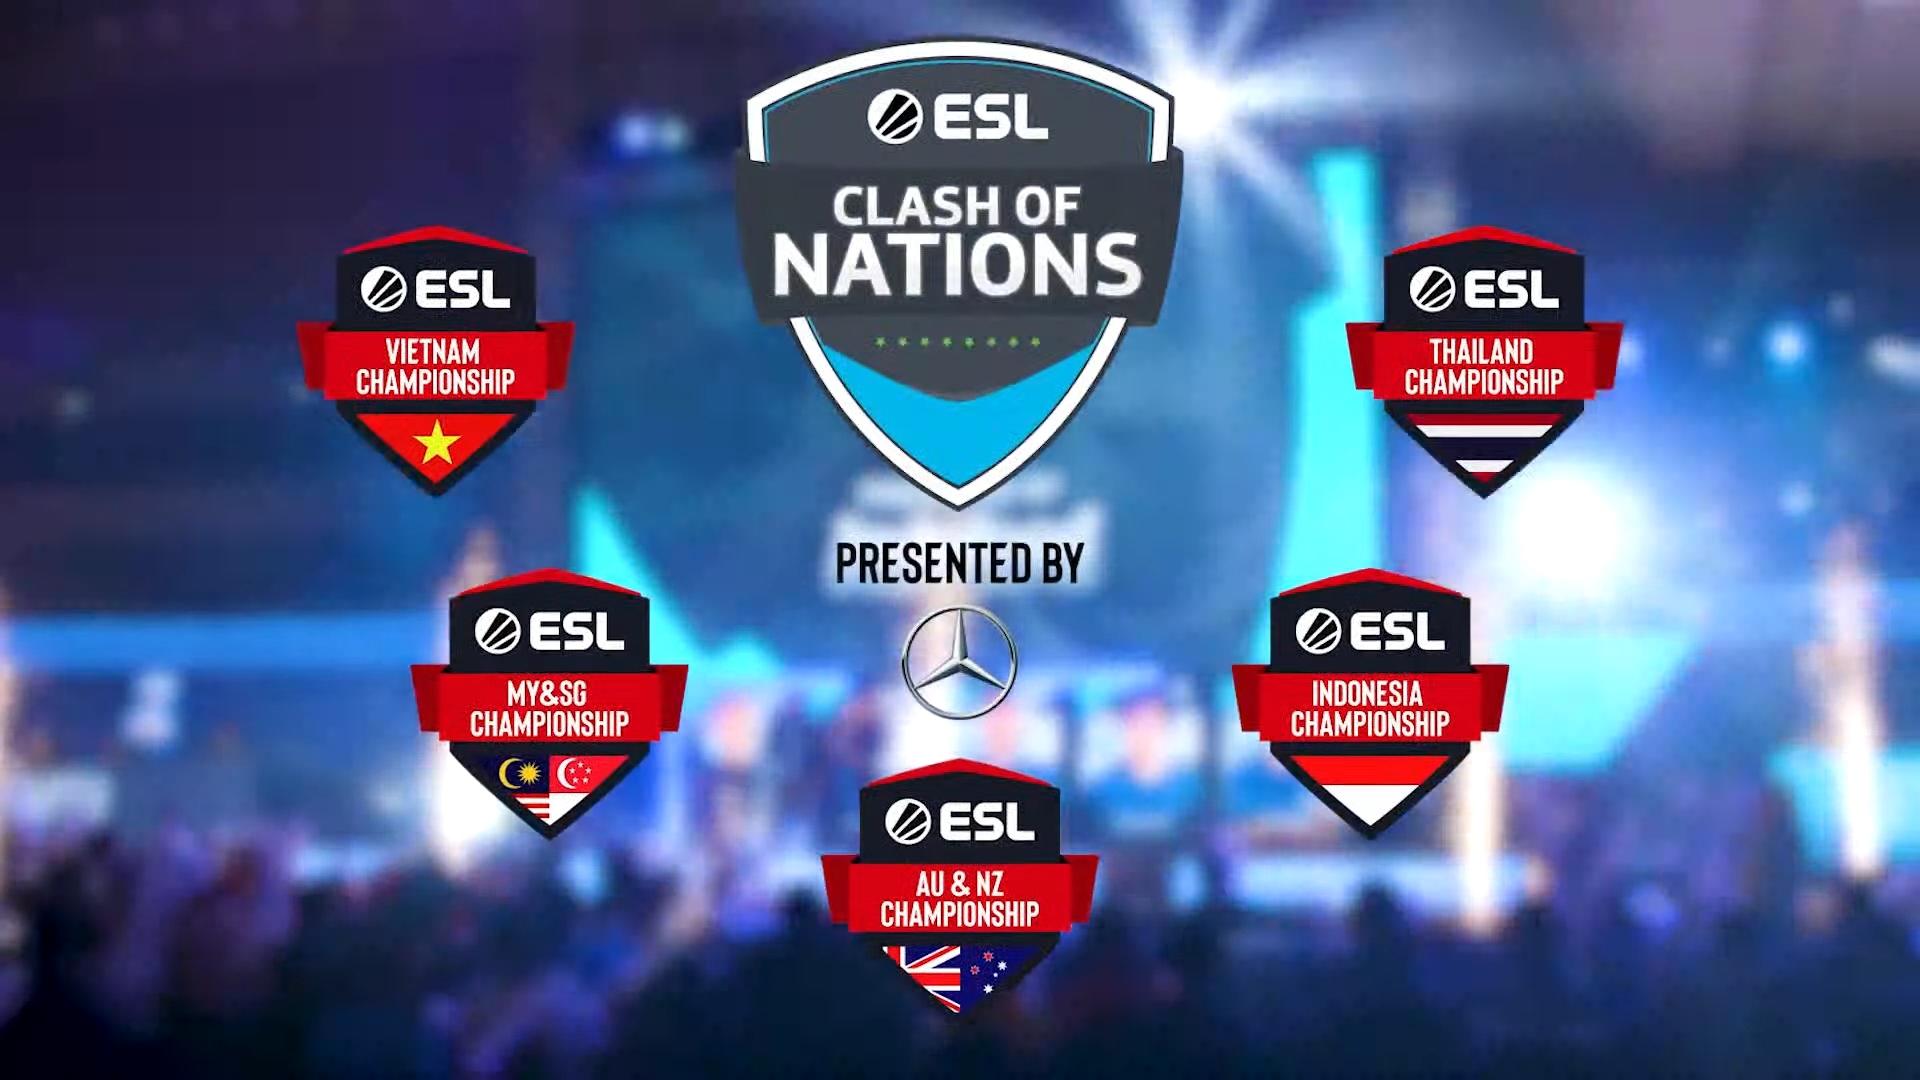 Kết quả hình ảnh cho esl clash of nations